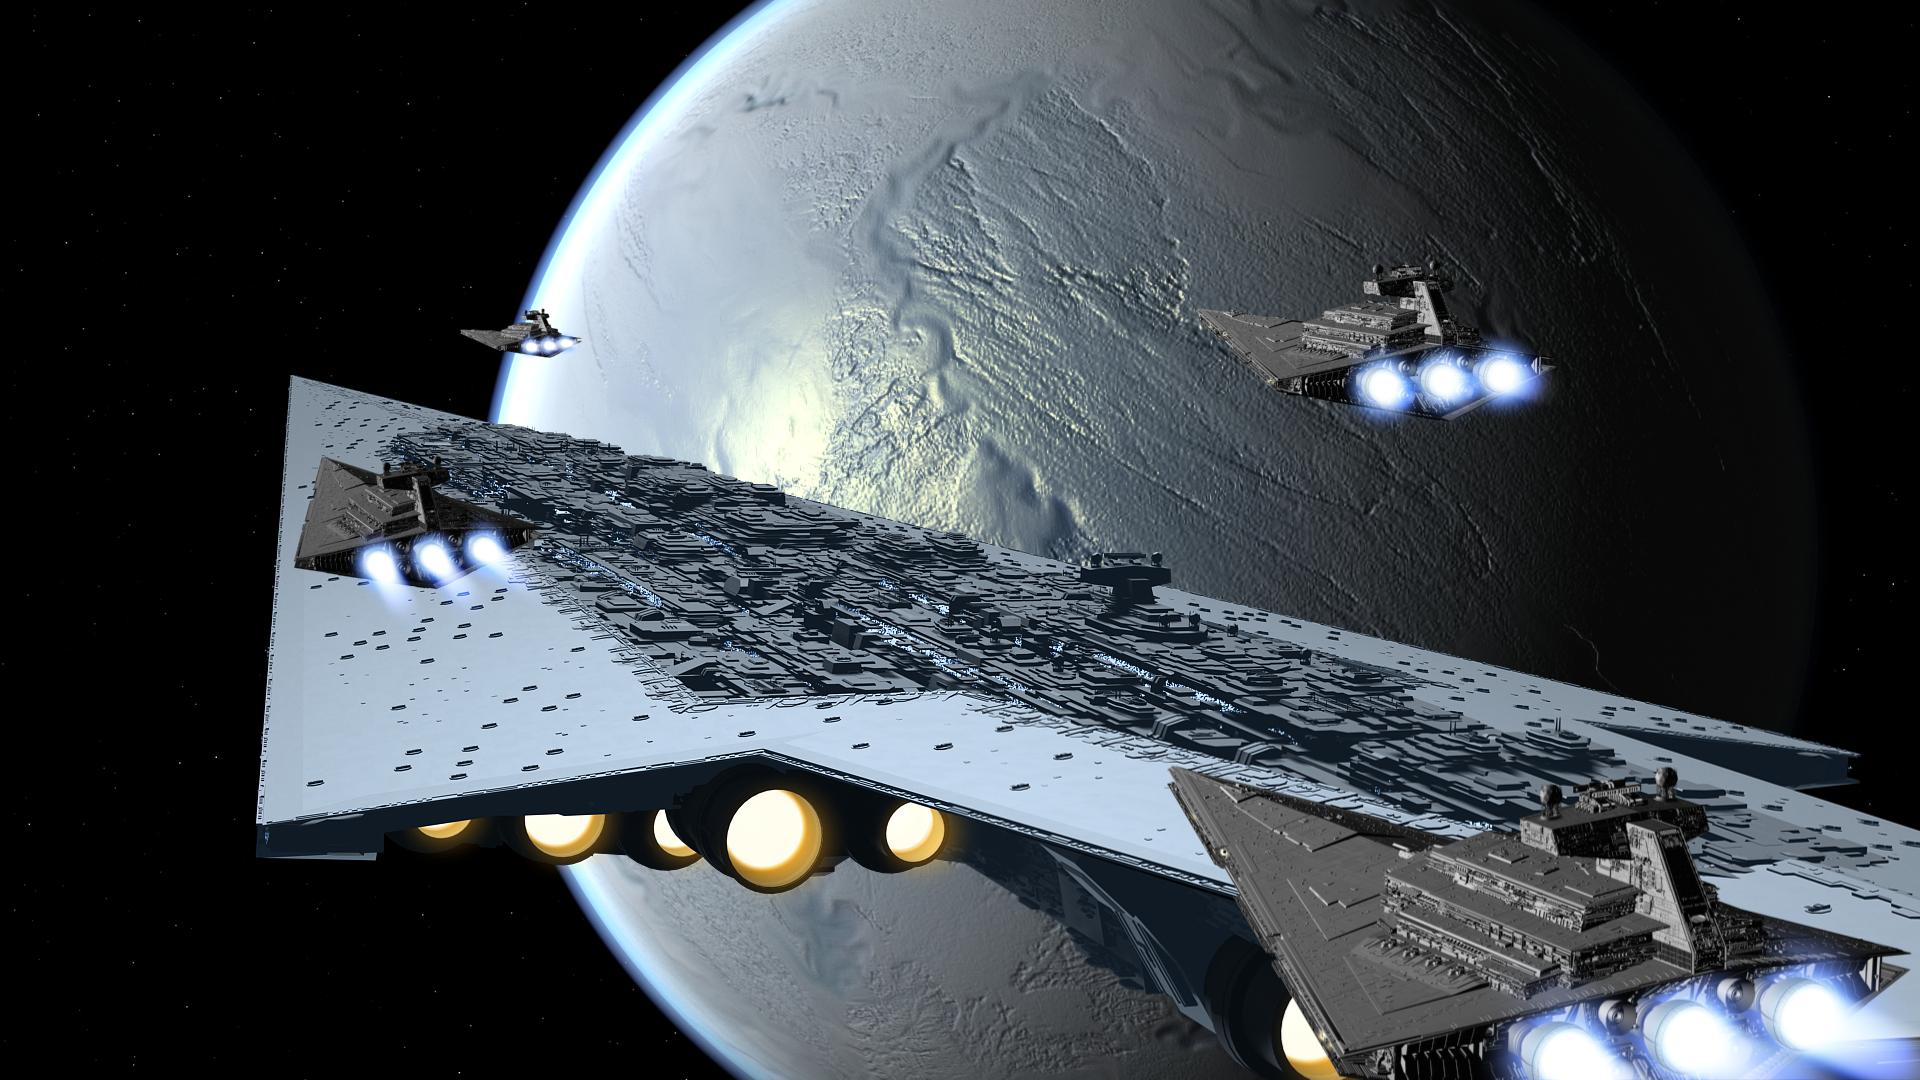 8 83227 hd star wars wallpaper mtc 4k imperial star